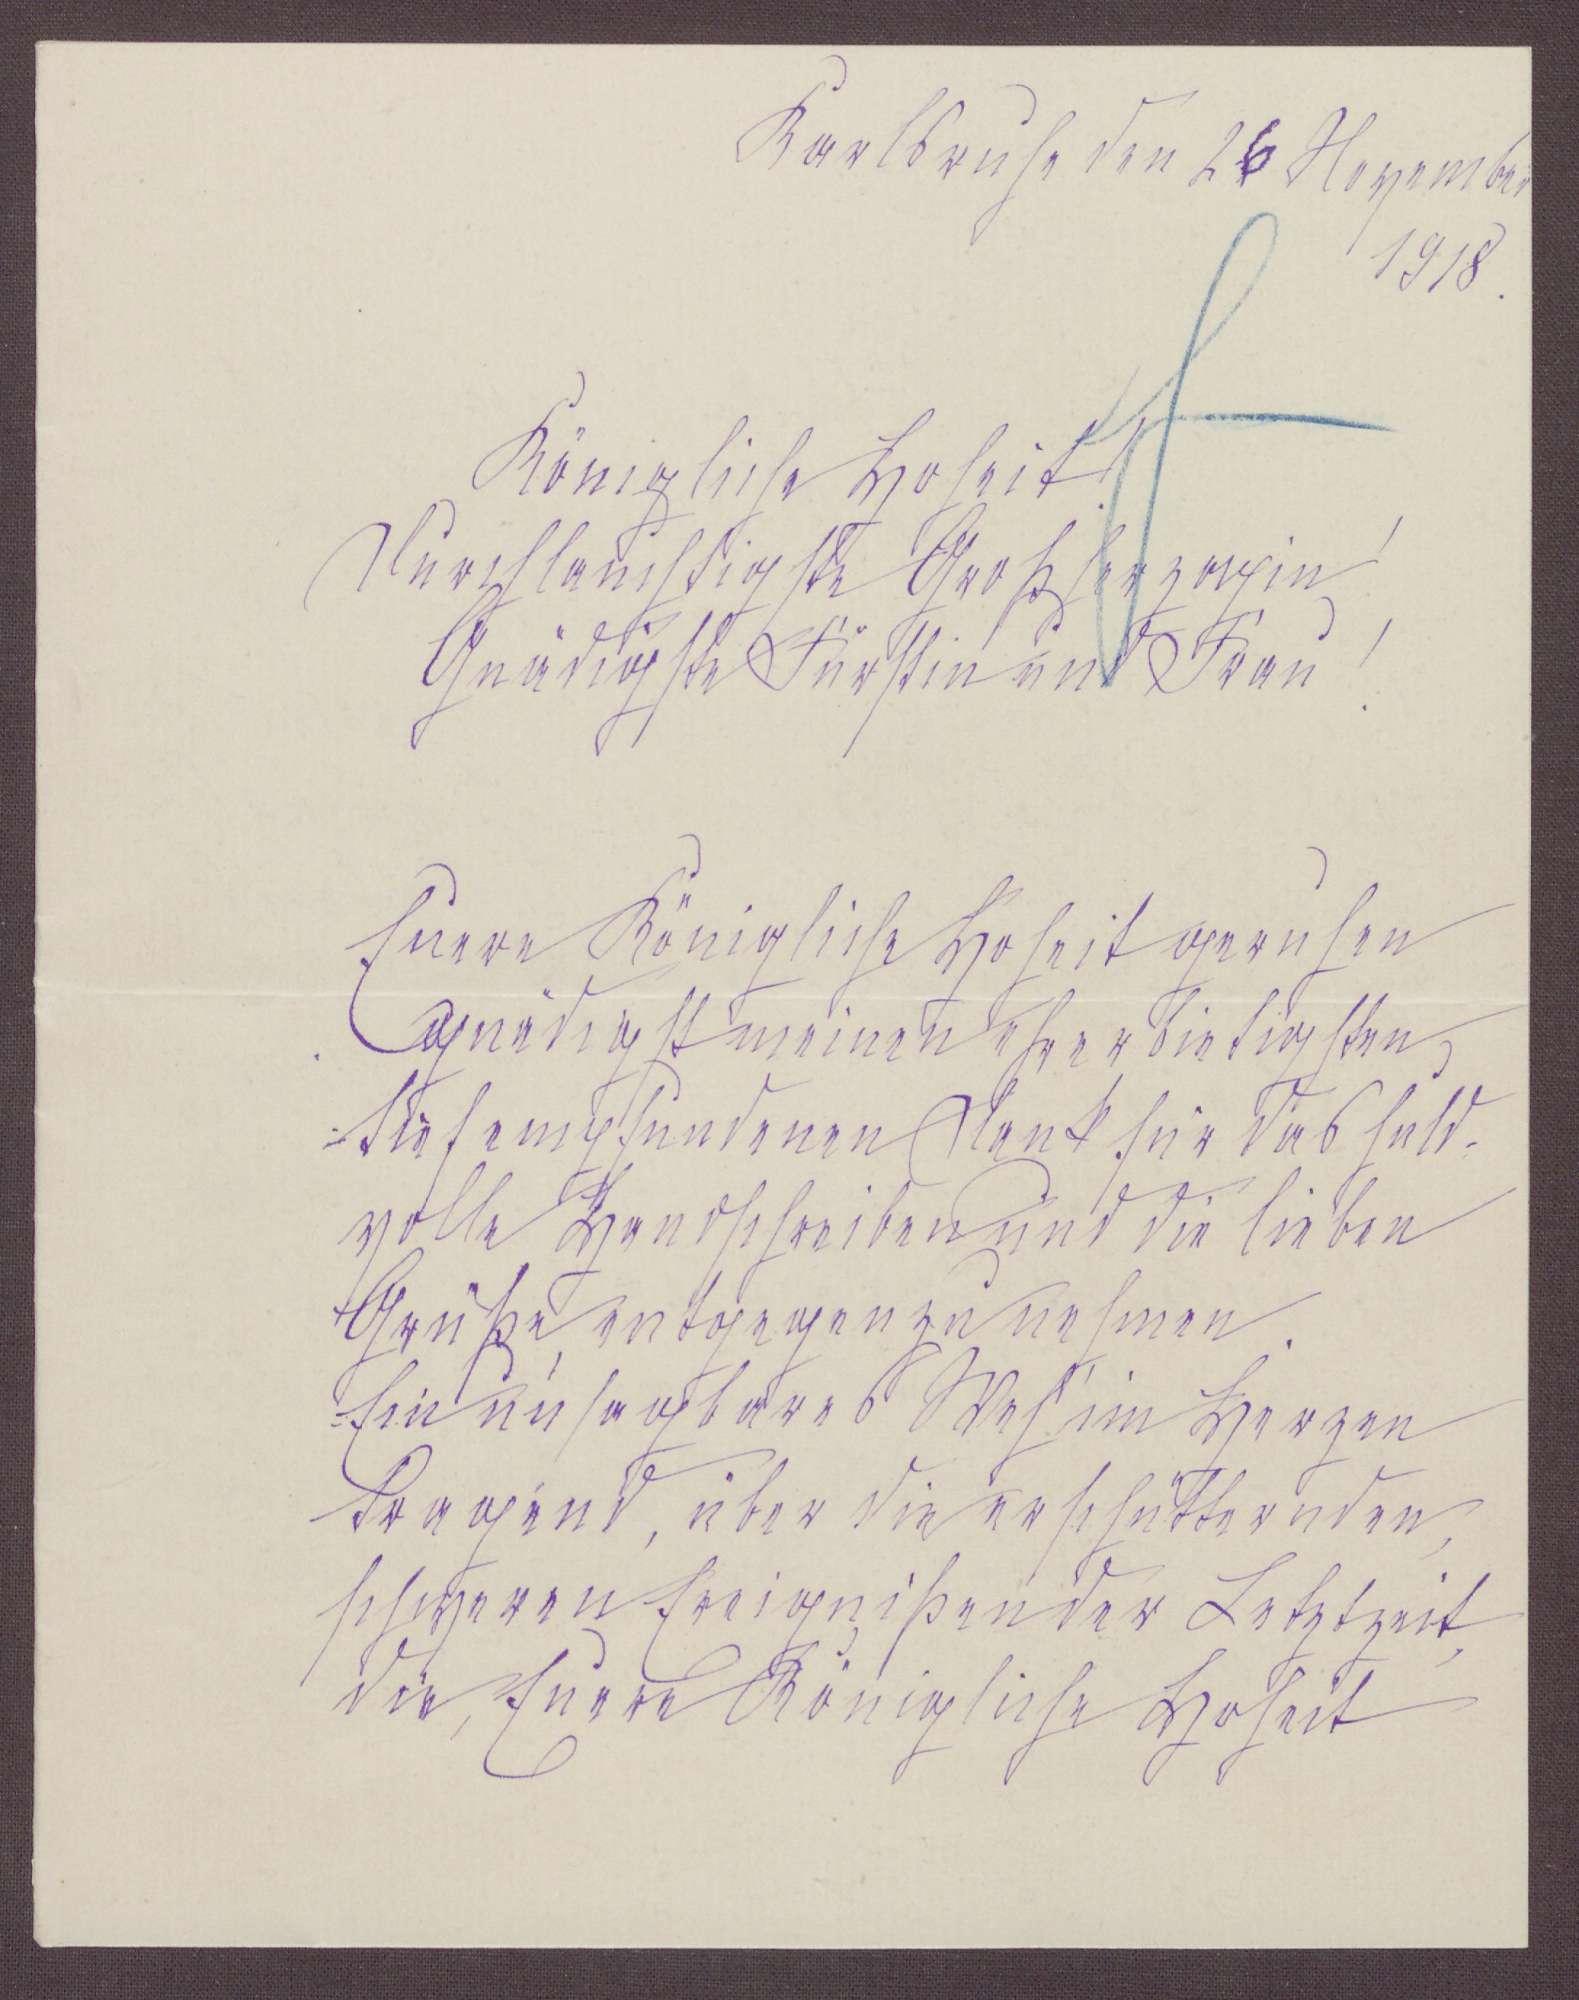 Schreiben von Anna Haas an die Großherzogin Luise; Belegung der Volksküchen, Stimmungslage in dem Heim, Inspektion durch den Soldatenrat, Bild 1